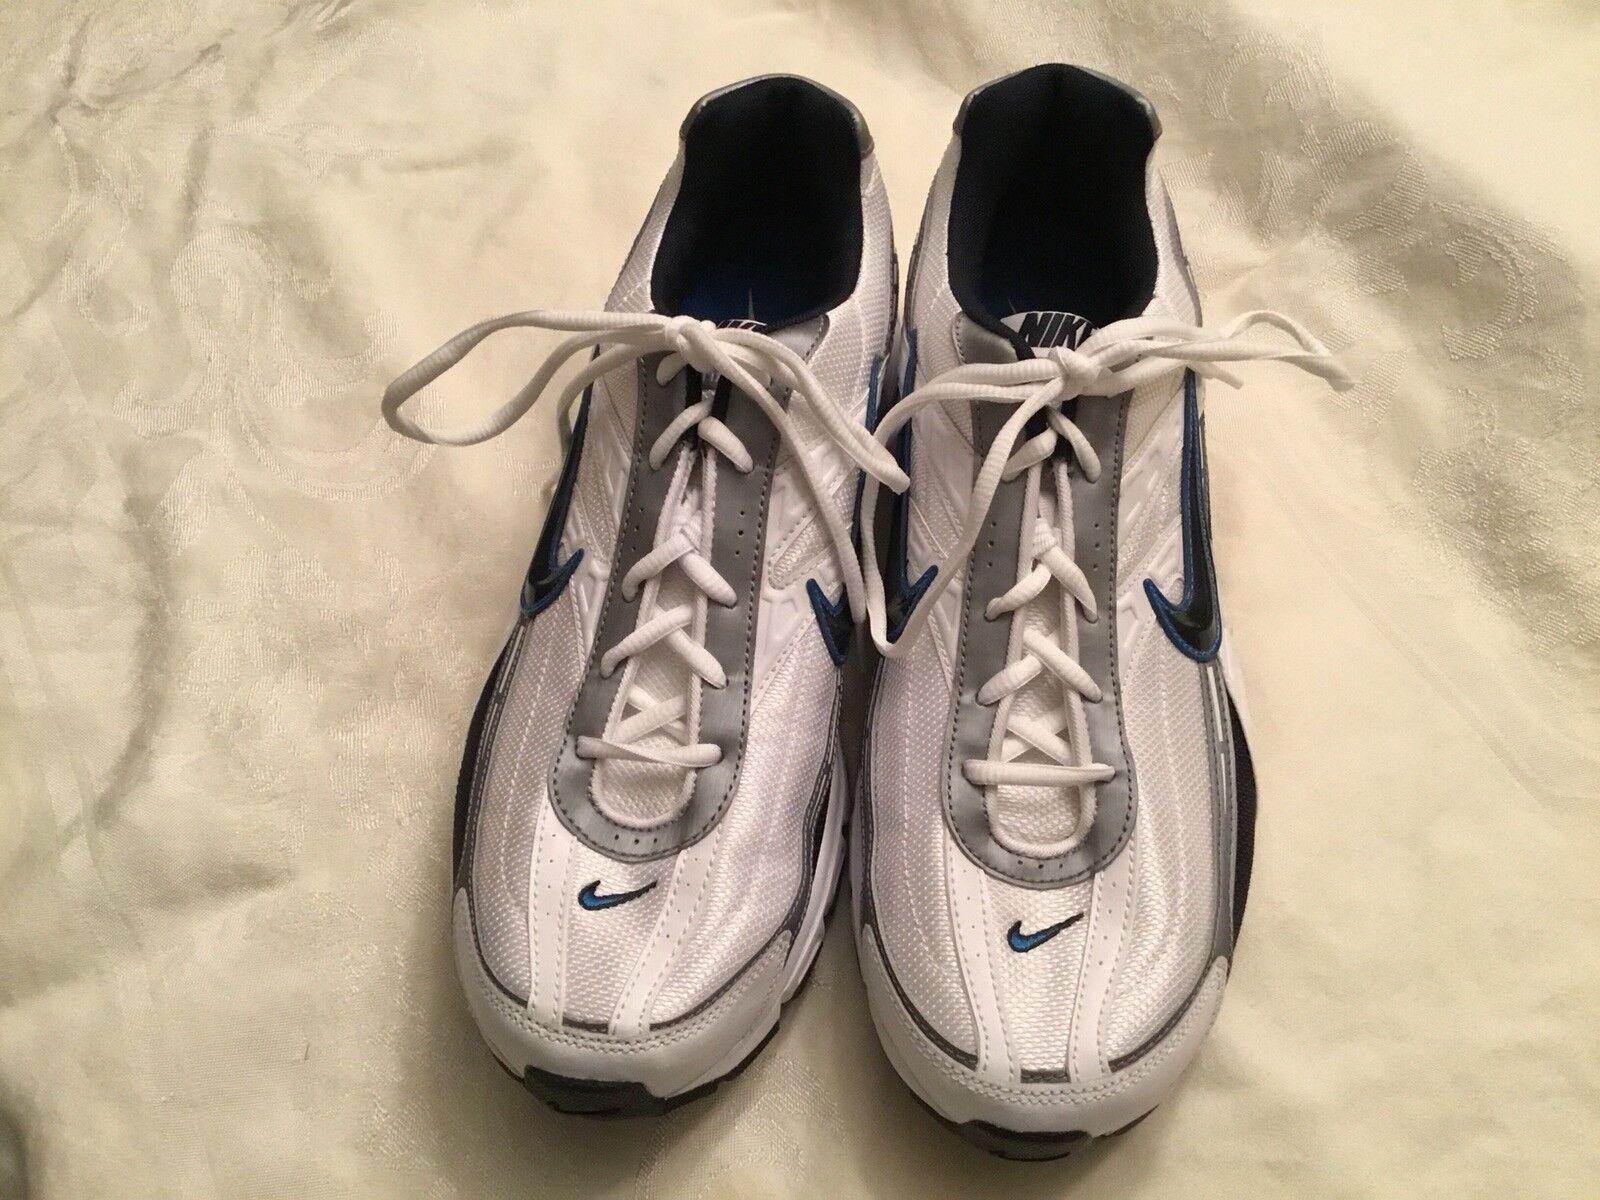 nwob!nike iniziatore uomini scarpe bianco taglia 12 12 12 nuova ce! | Alta qualità ed economico  | Uomo/Donne Scarpa  290758